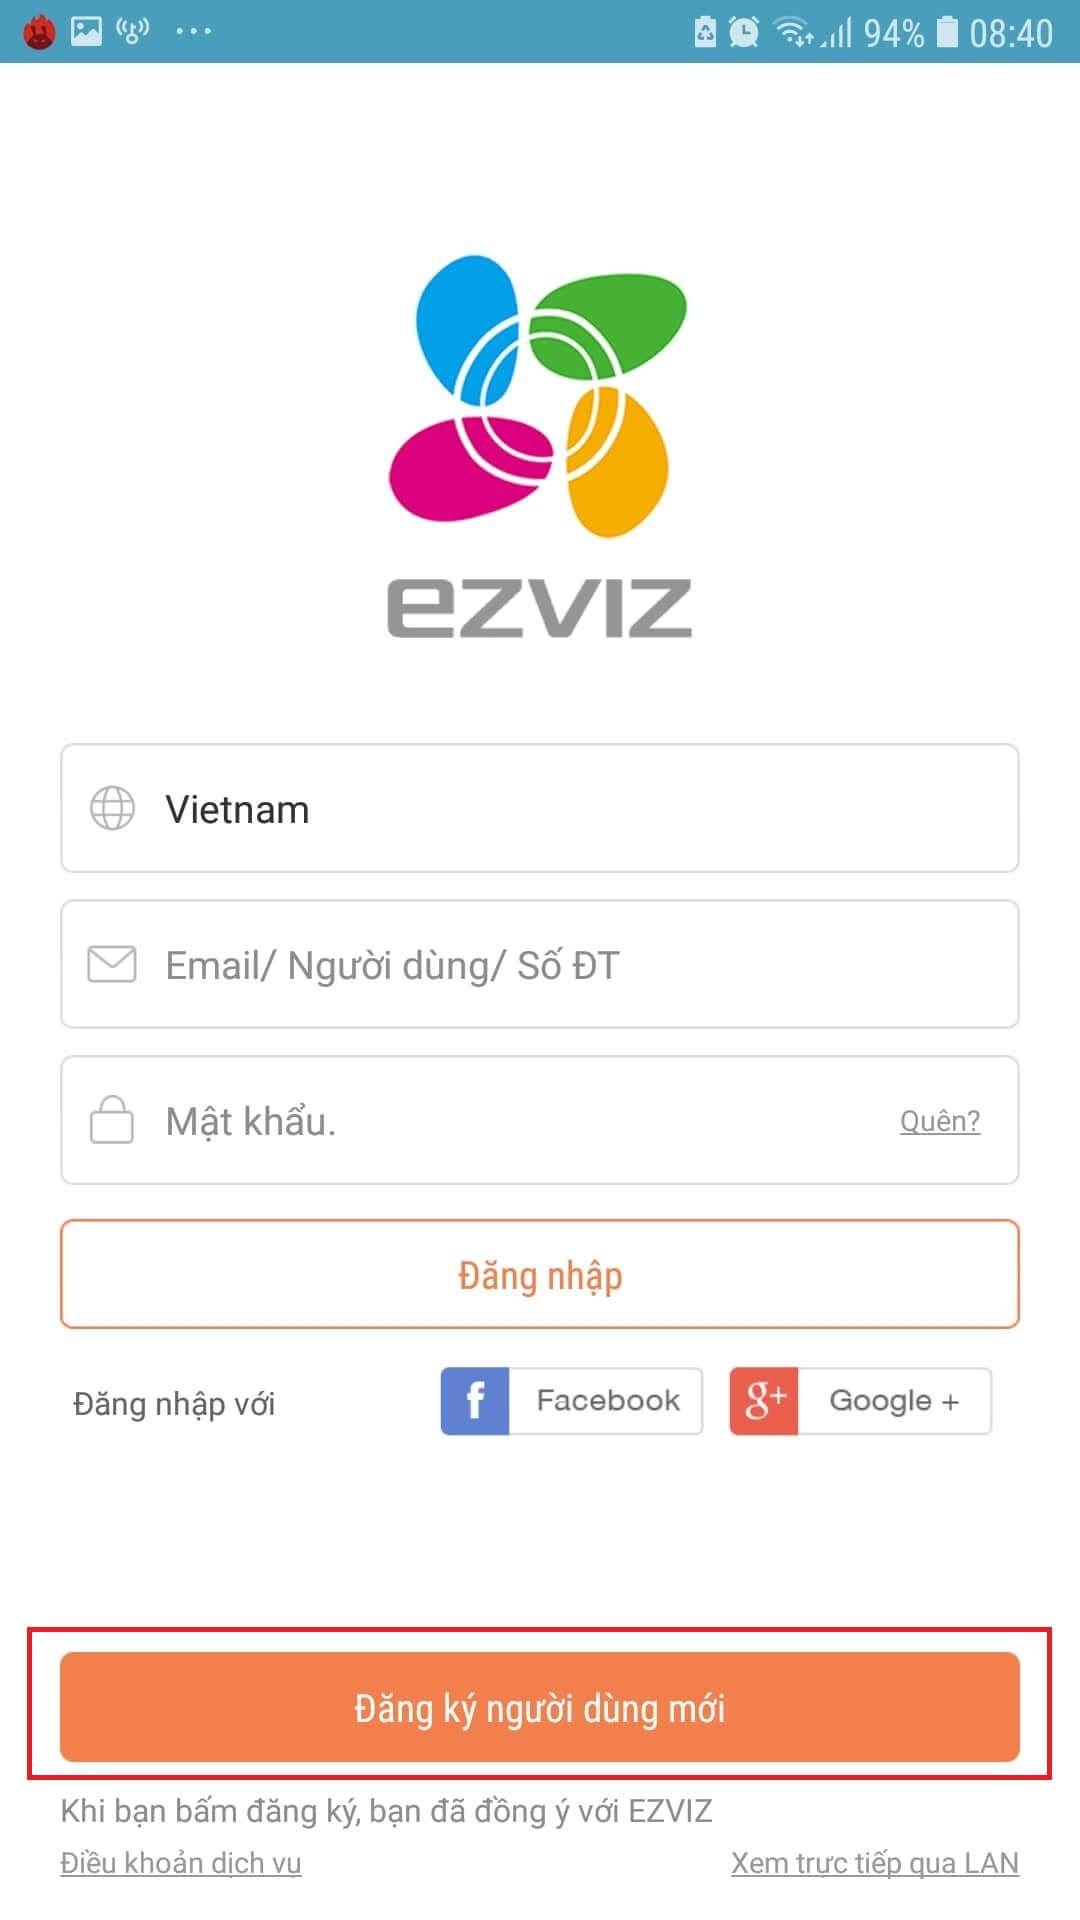 Hướng dẫn cài đặt và sử dụng phần mềm EZVIZ - 6